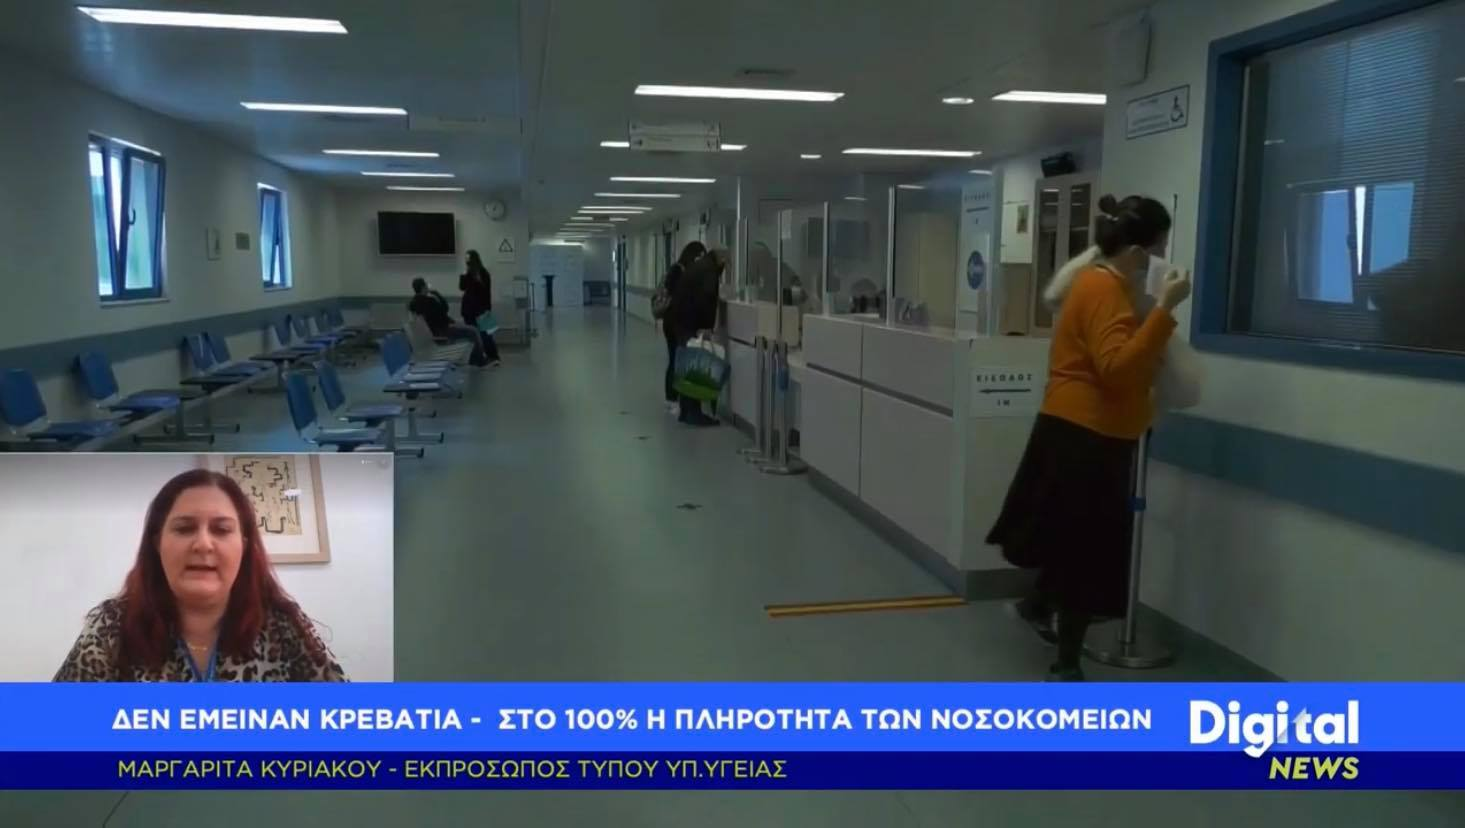 Δεν έμειναν κρεβάτια - Στο 100% η πληρότητα των νοσοκομείων